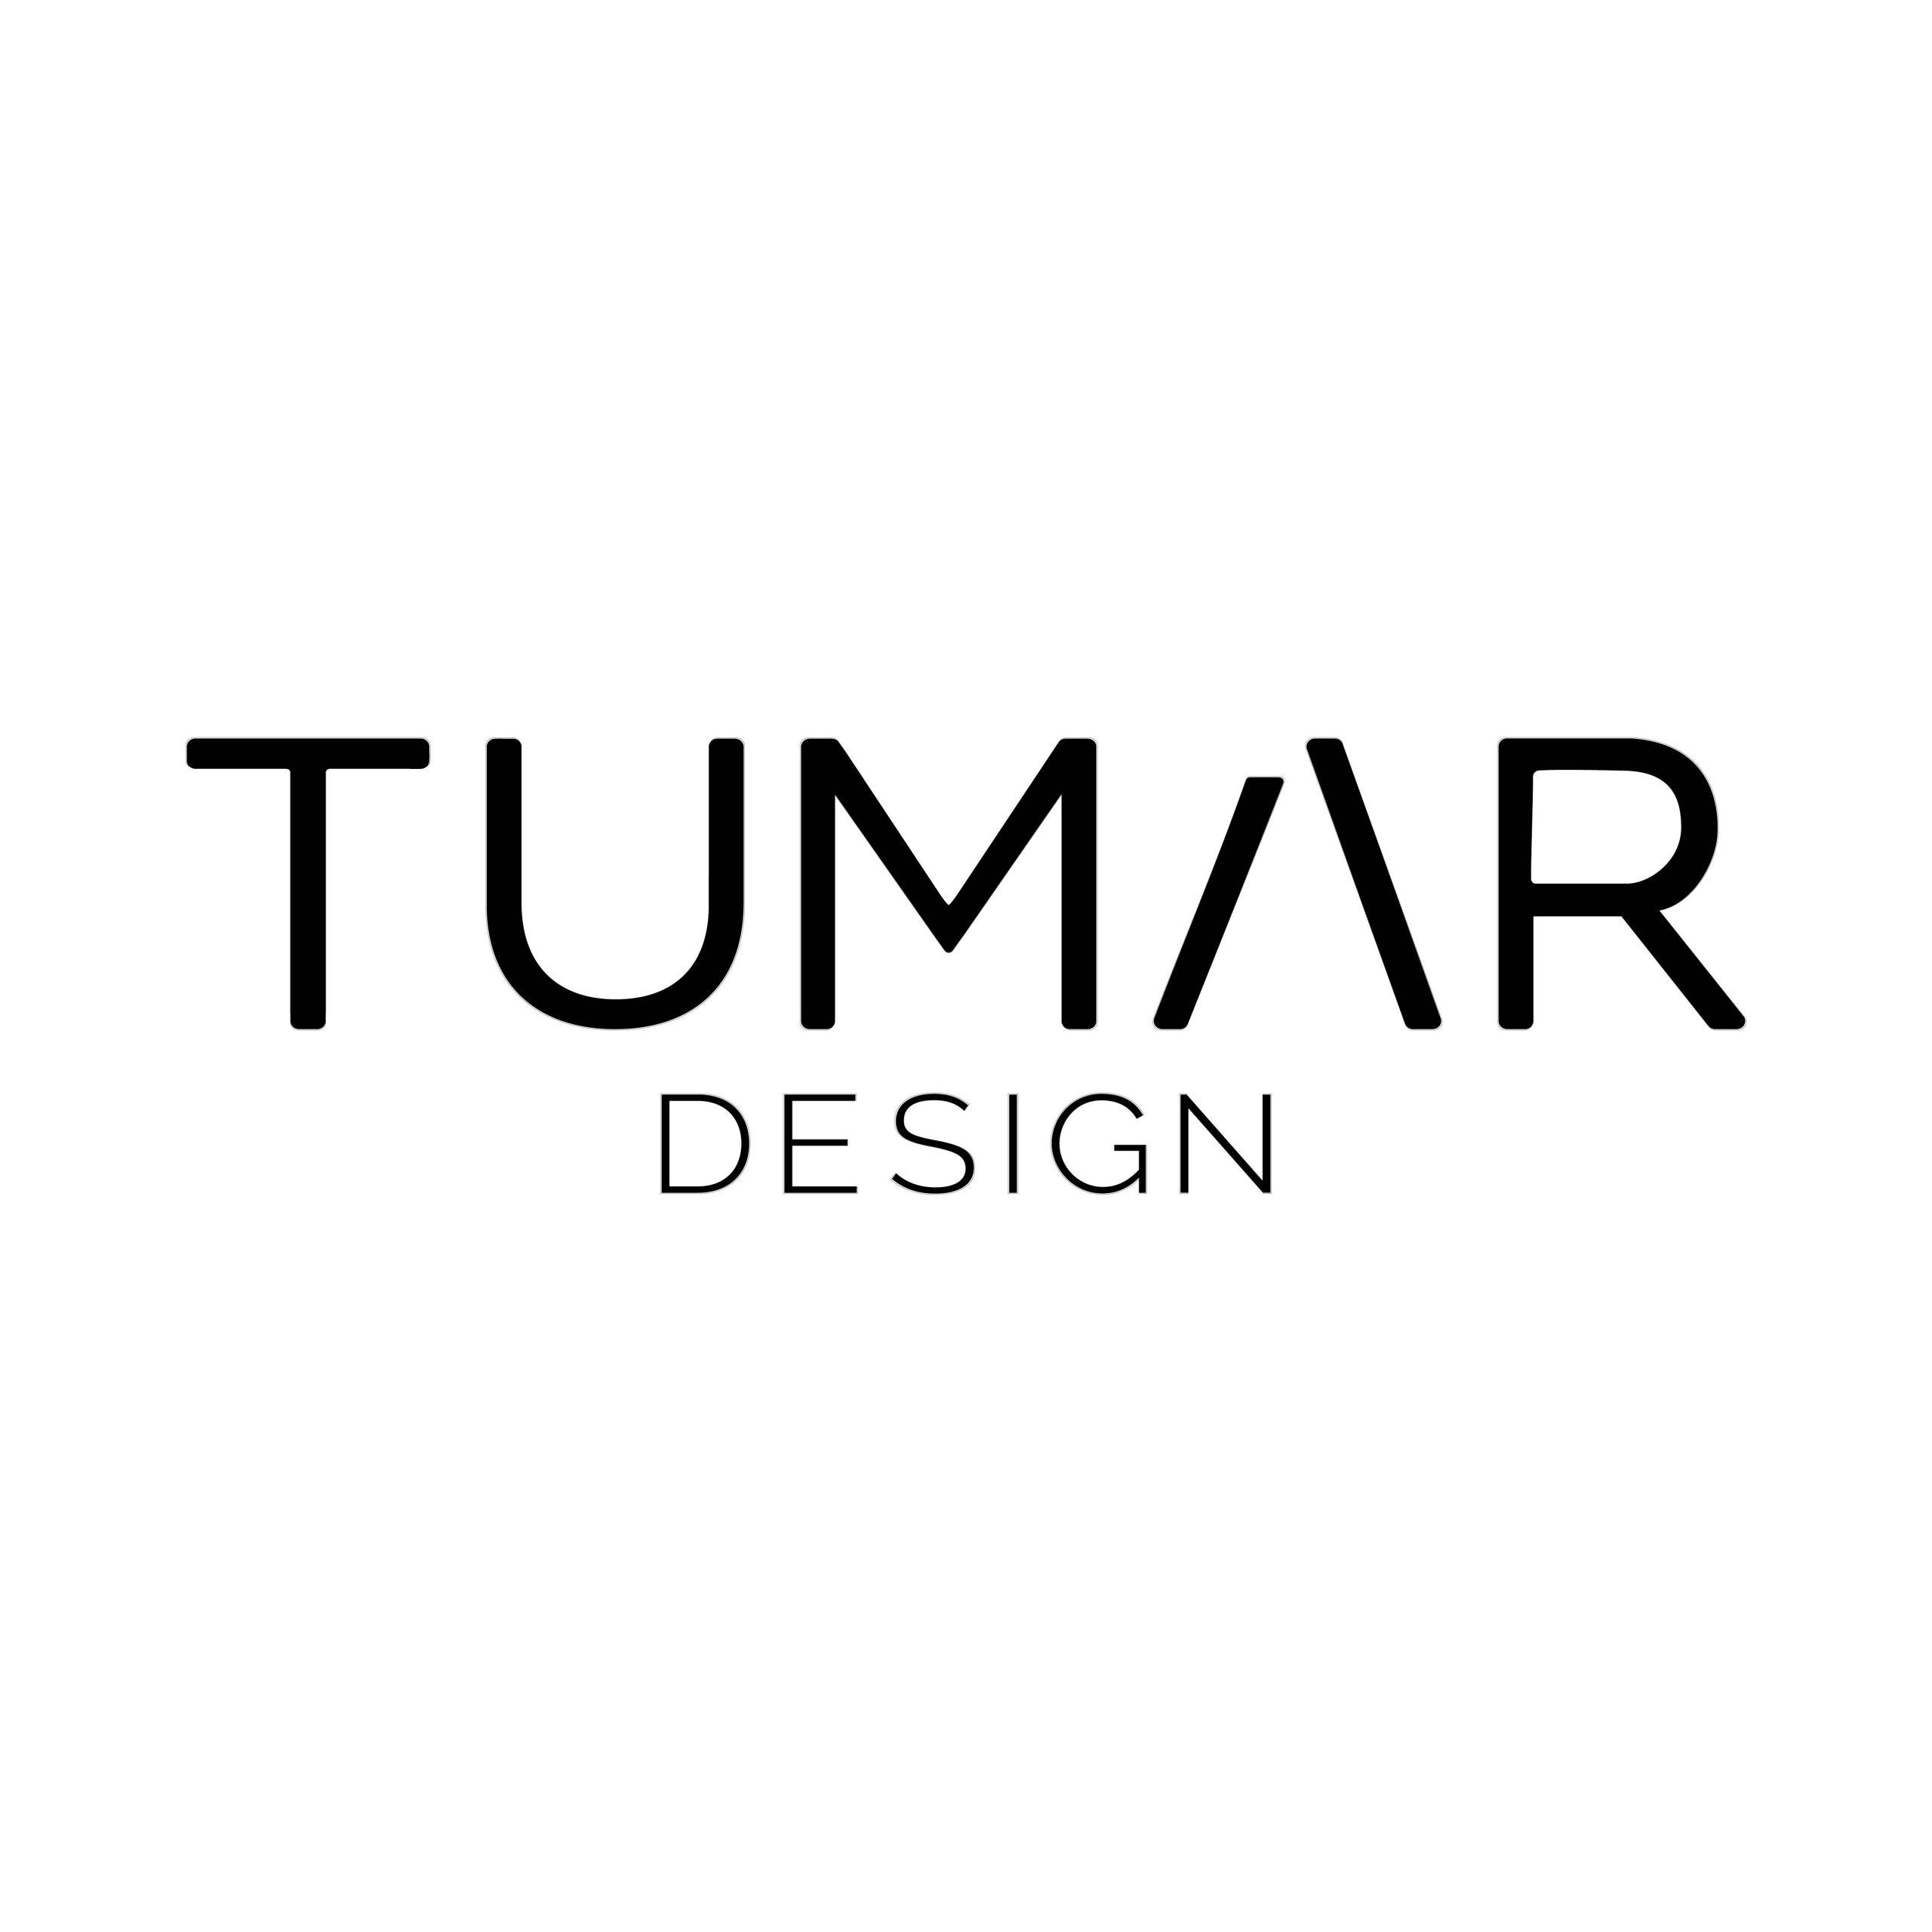 Tumar